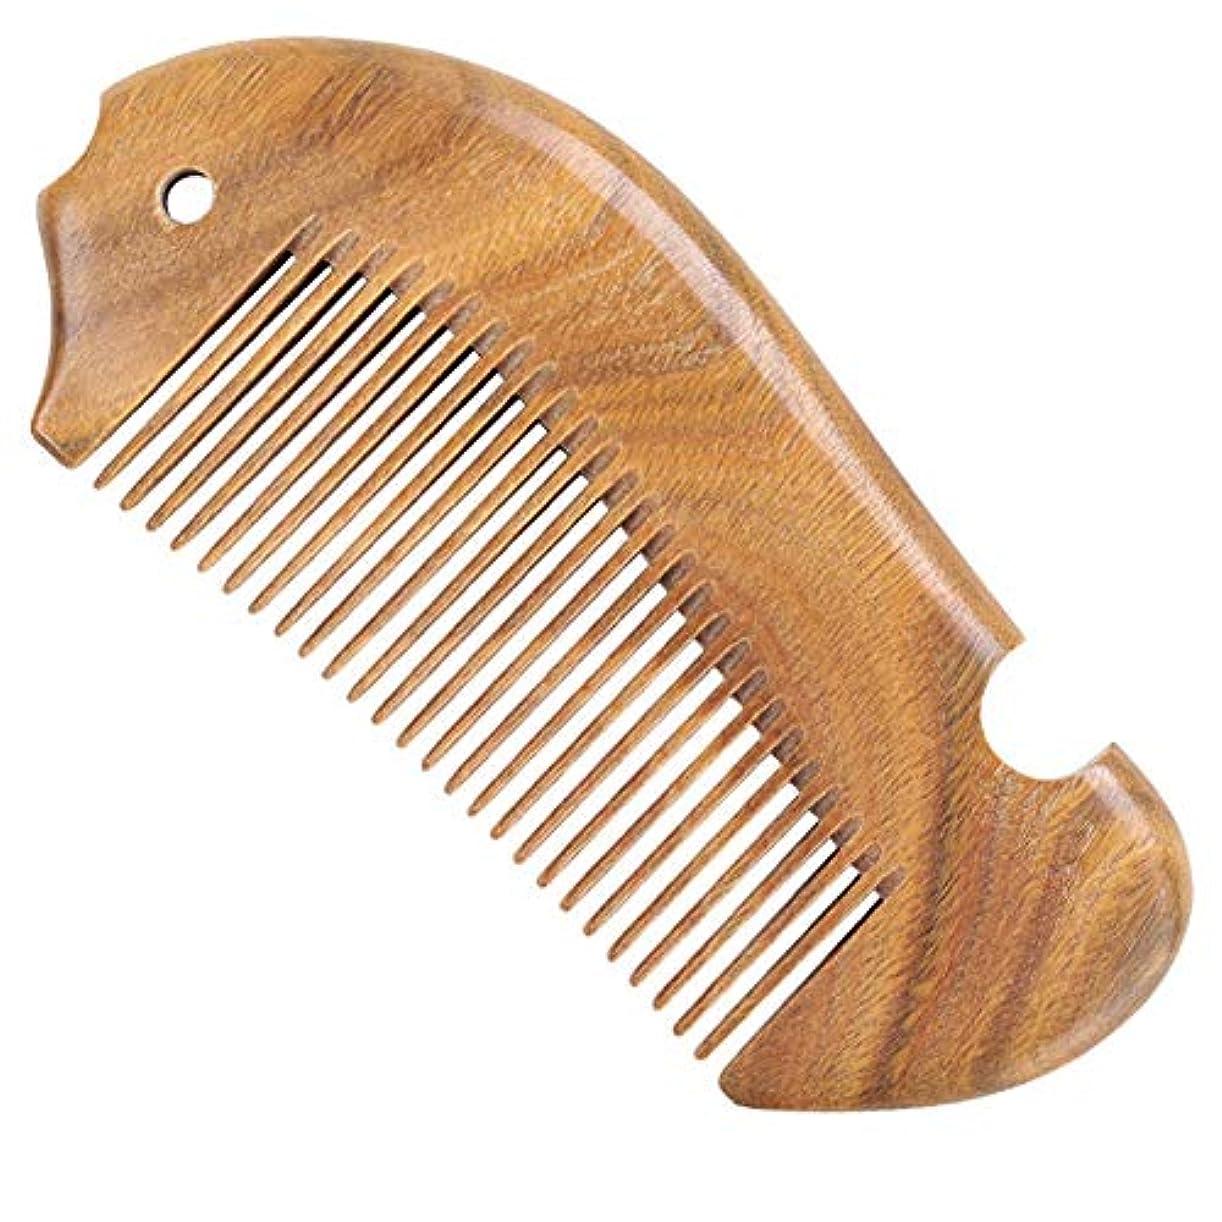 ALIVEON 高級木製櫛 ヘアブラシ つげ櫛 頭皮マッサージ 天然緑檀 ヘアコーム 静電気防止 男女兼用